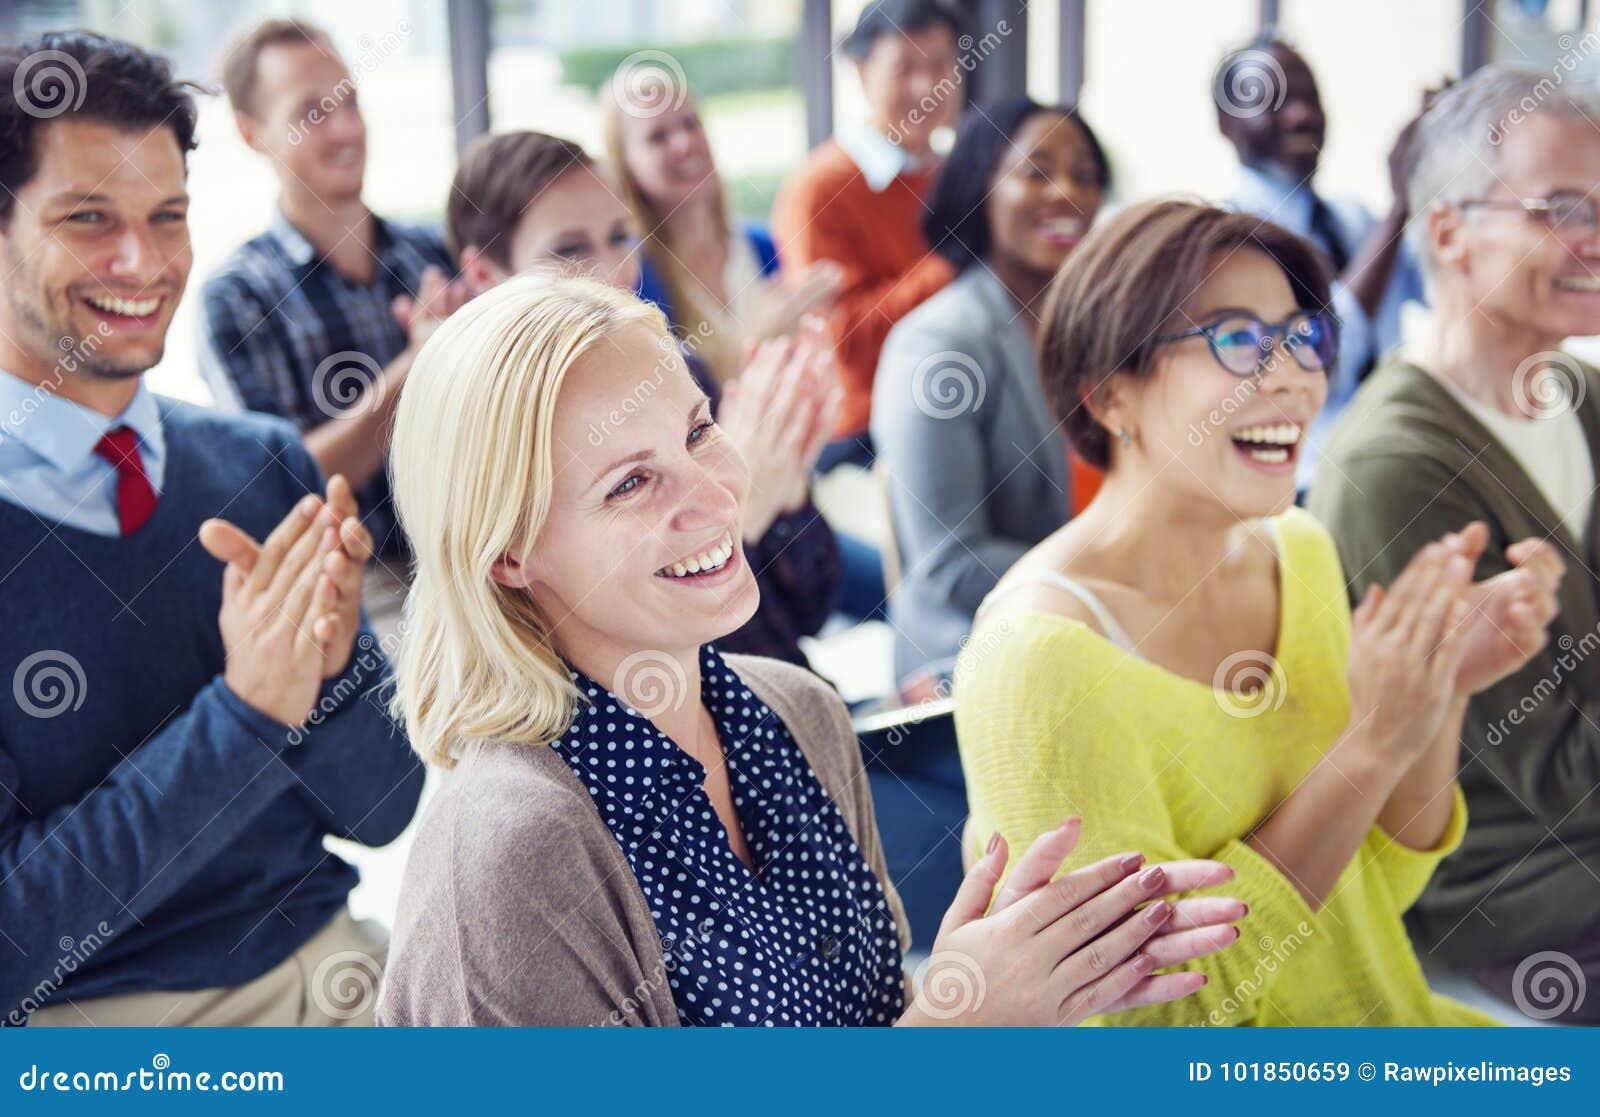 Grupo de gente diversa en una conferencia